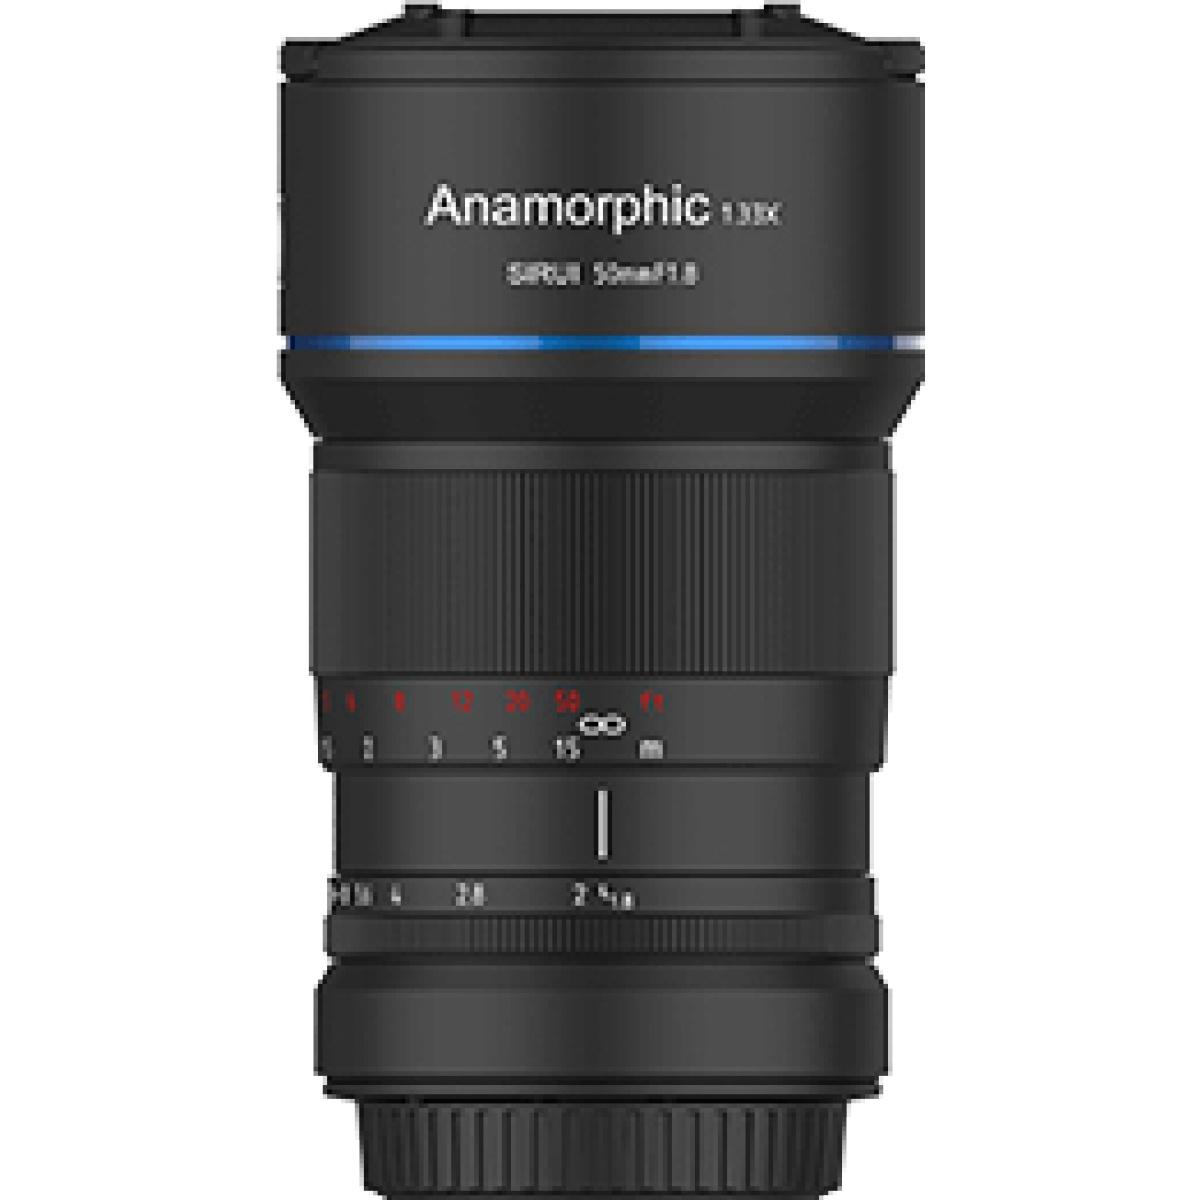 Sirui 50 mm 1:1,8 1.33X Anamorph MFT